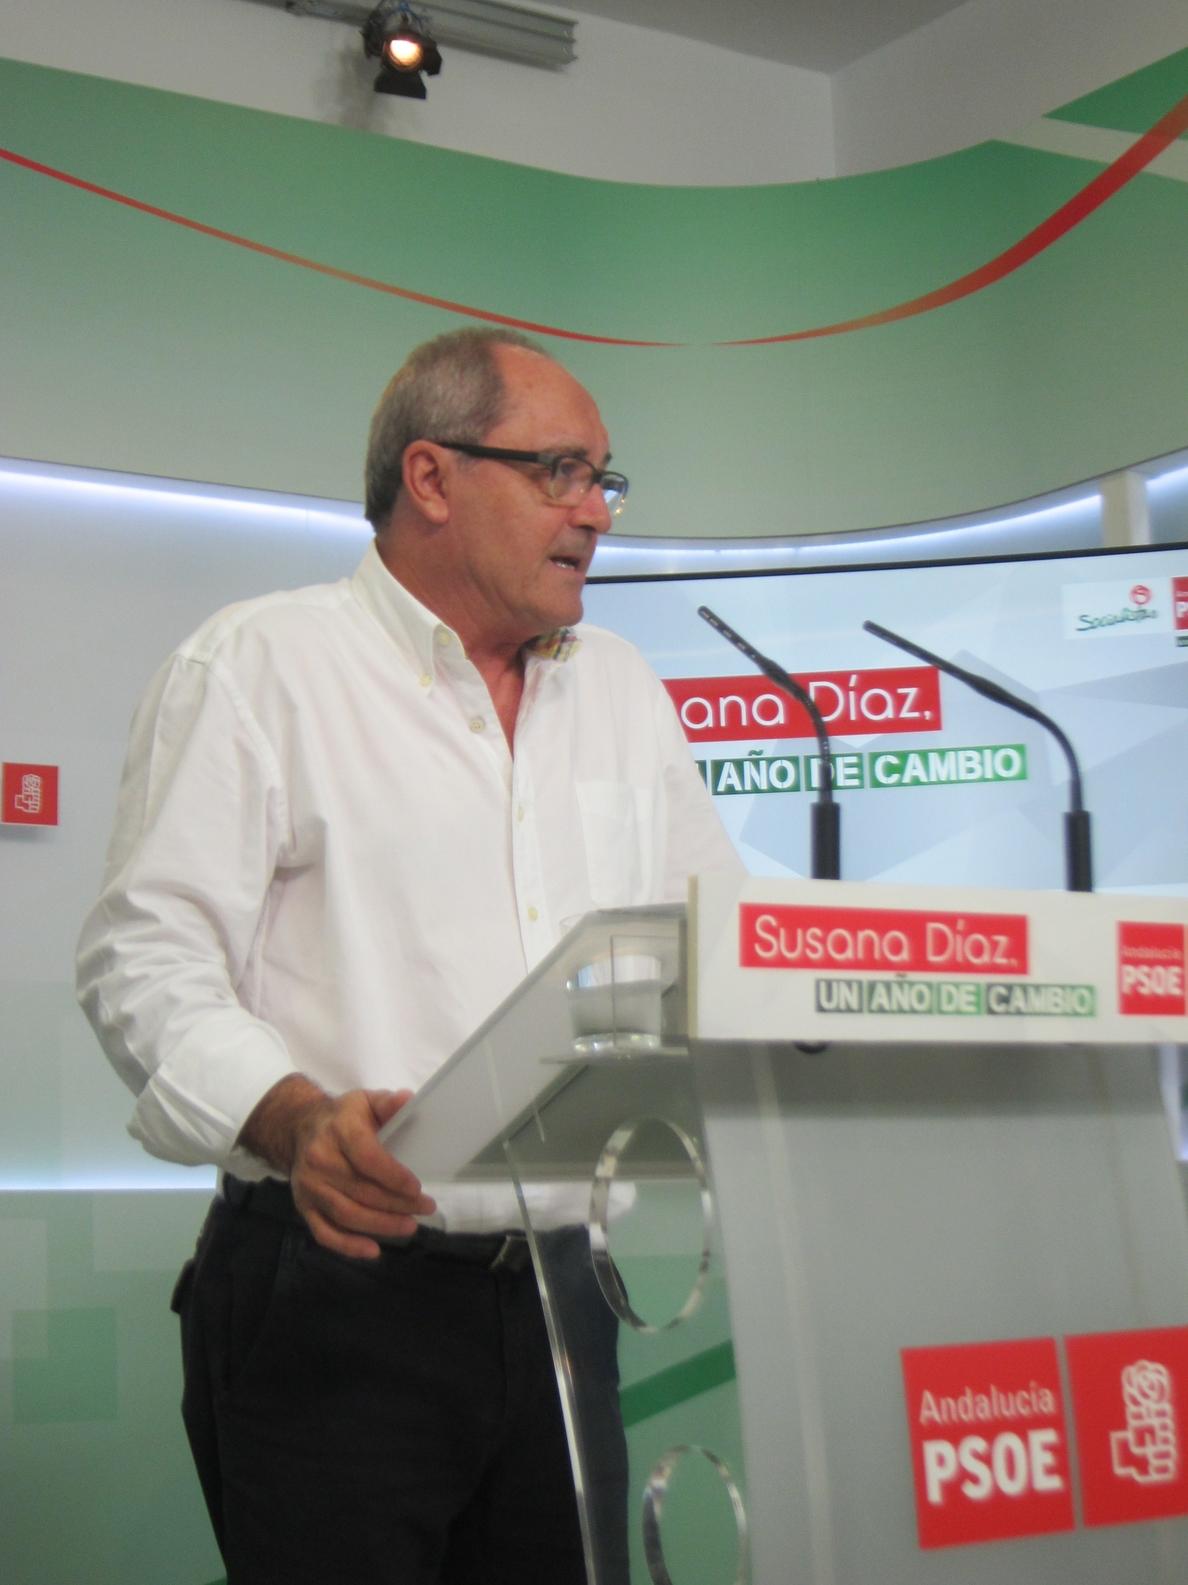 PSOE-A ve «muy avanzada» la negociación del anteproyecto de ley de banca pública, «que tendrá ficha bancaria»